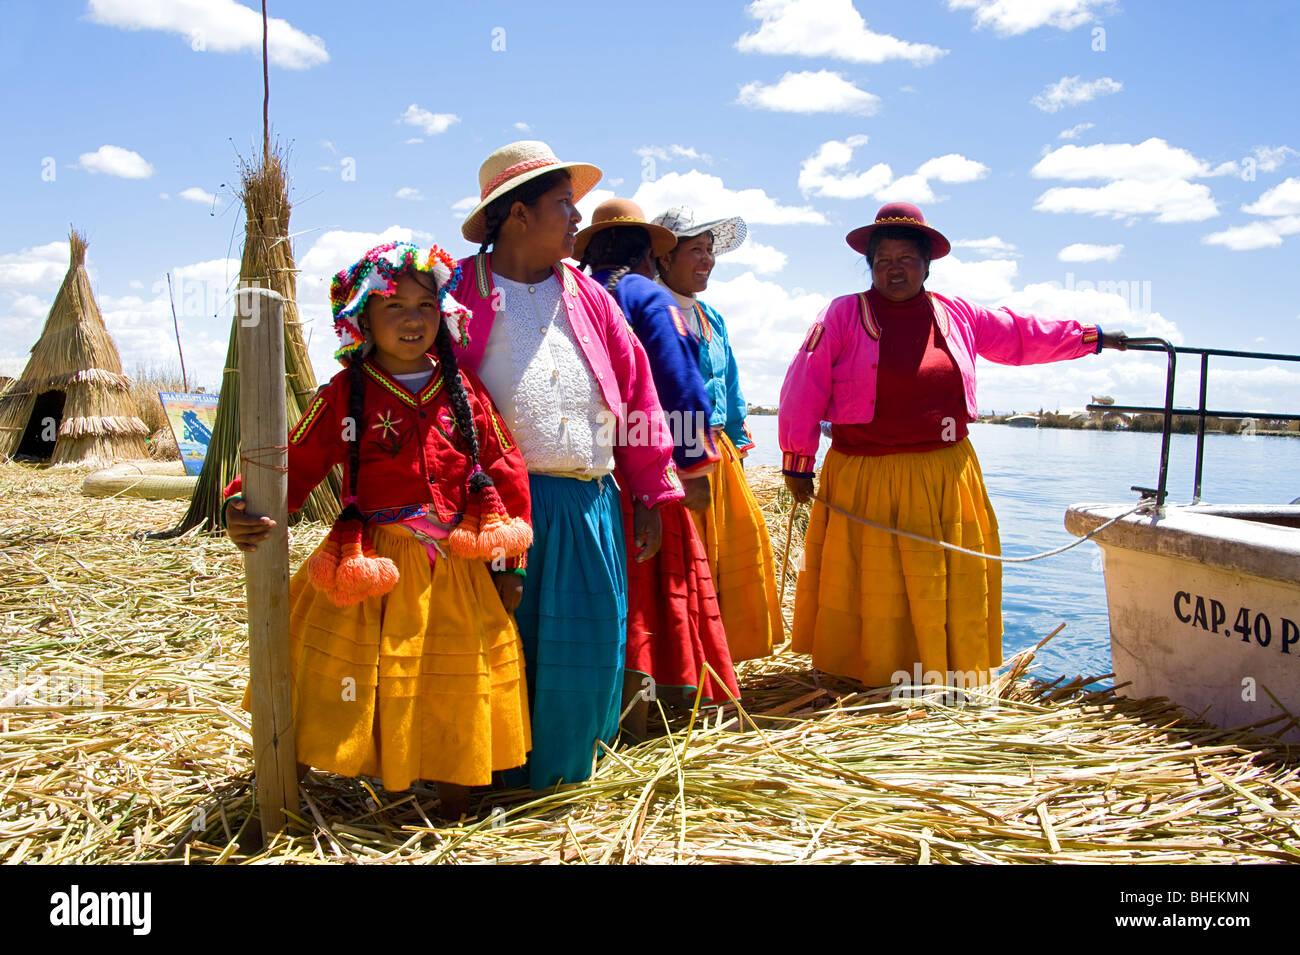 Persone da Uros Isola di Samary, il lago Titicaca, Perù Immagini Stock